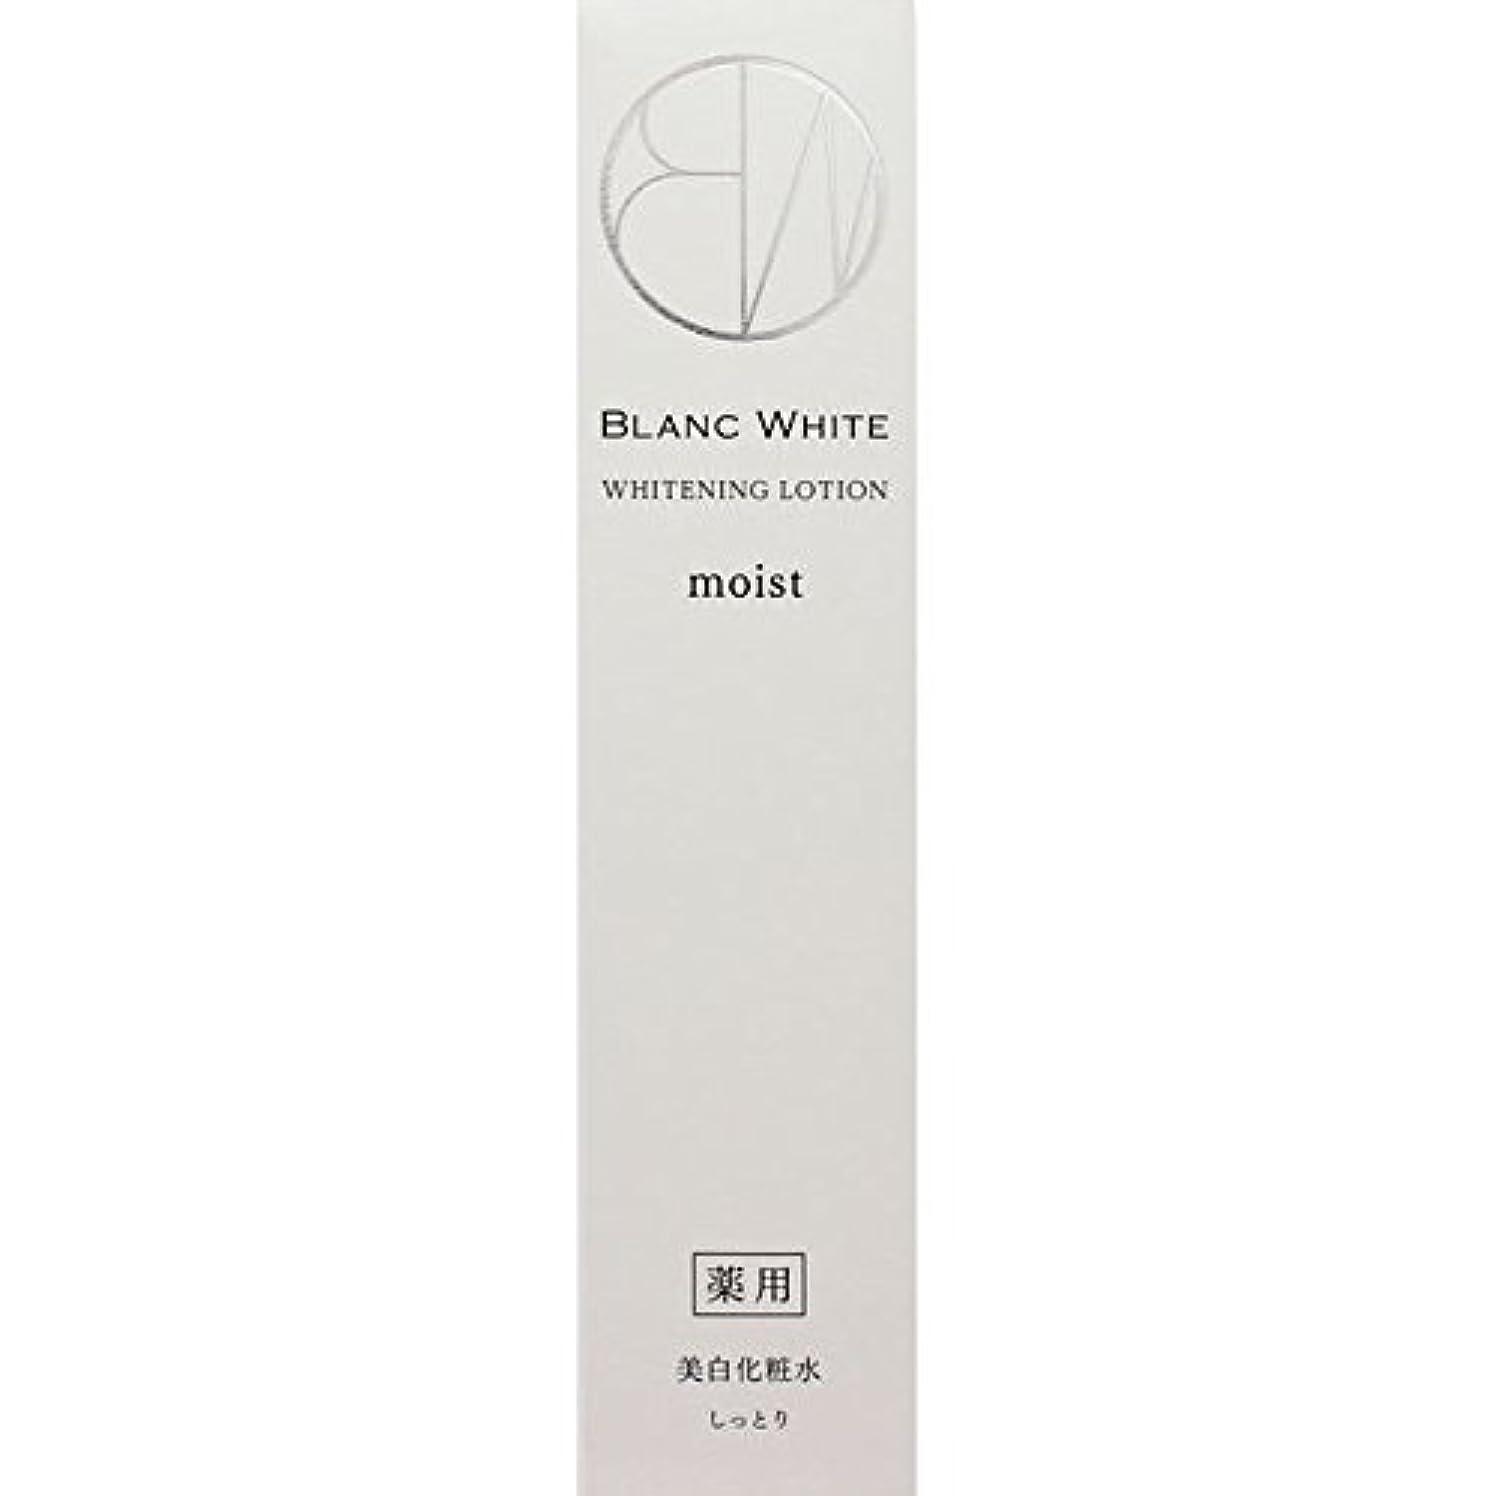 禁止する液化する割れ目ブランホワイト ホワイトニングローション モイスト 160ml (医薬部外品)